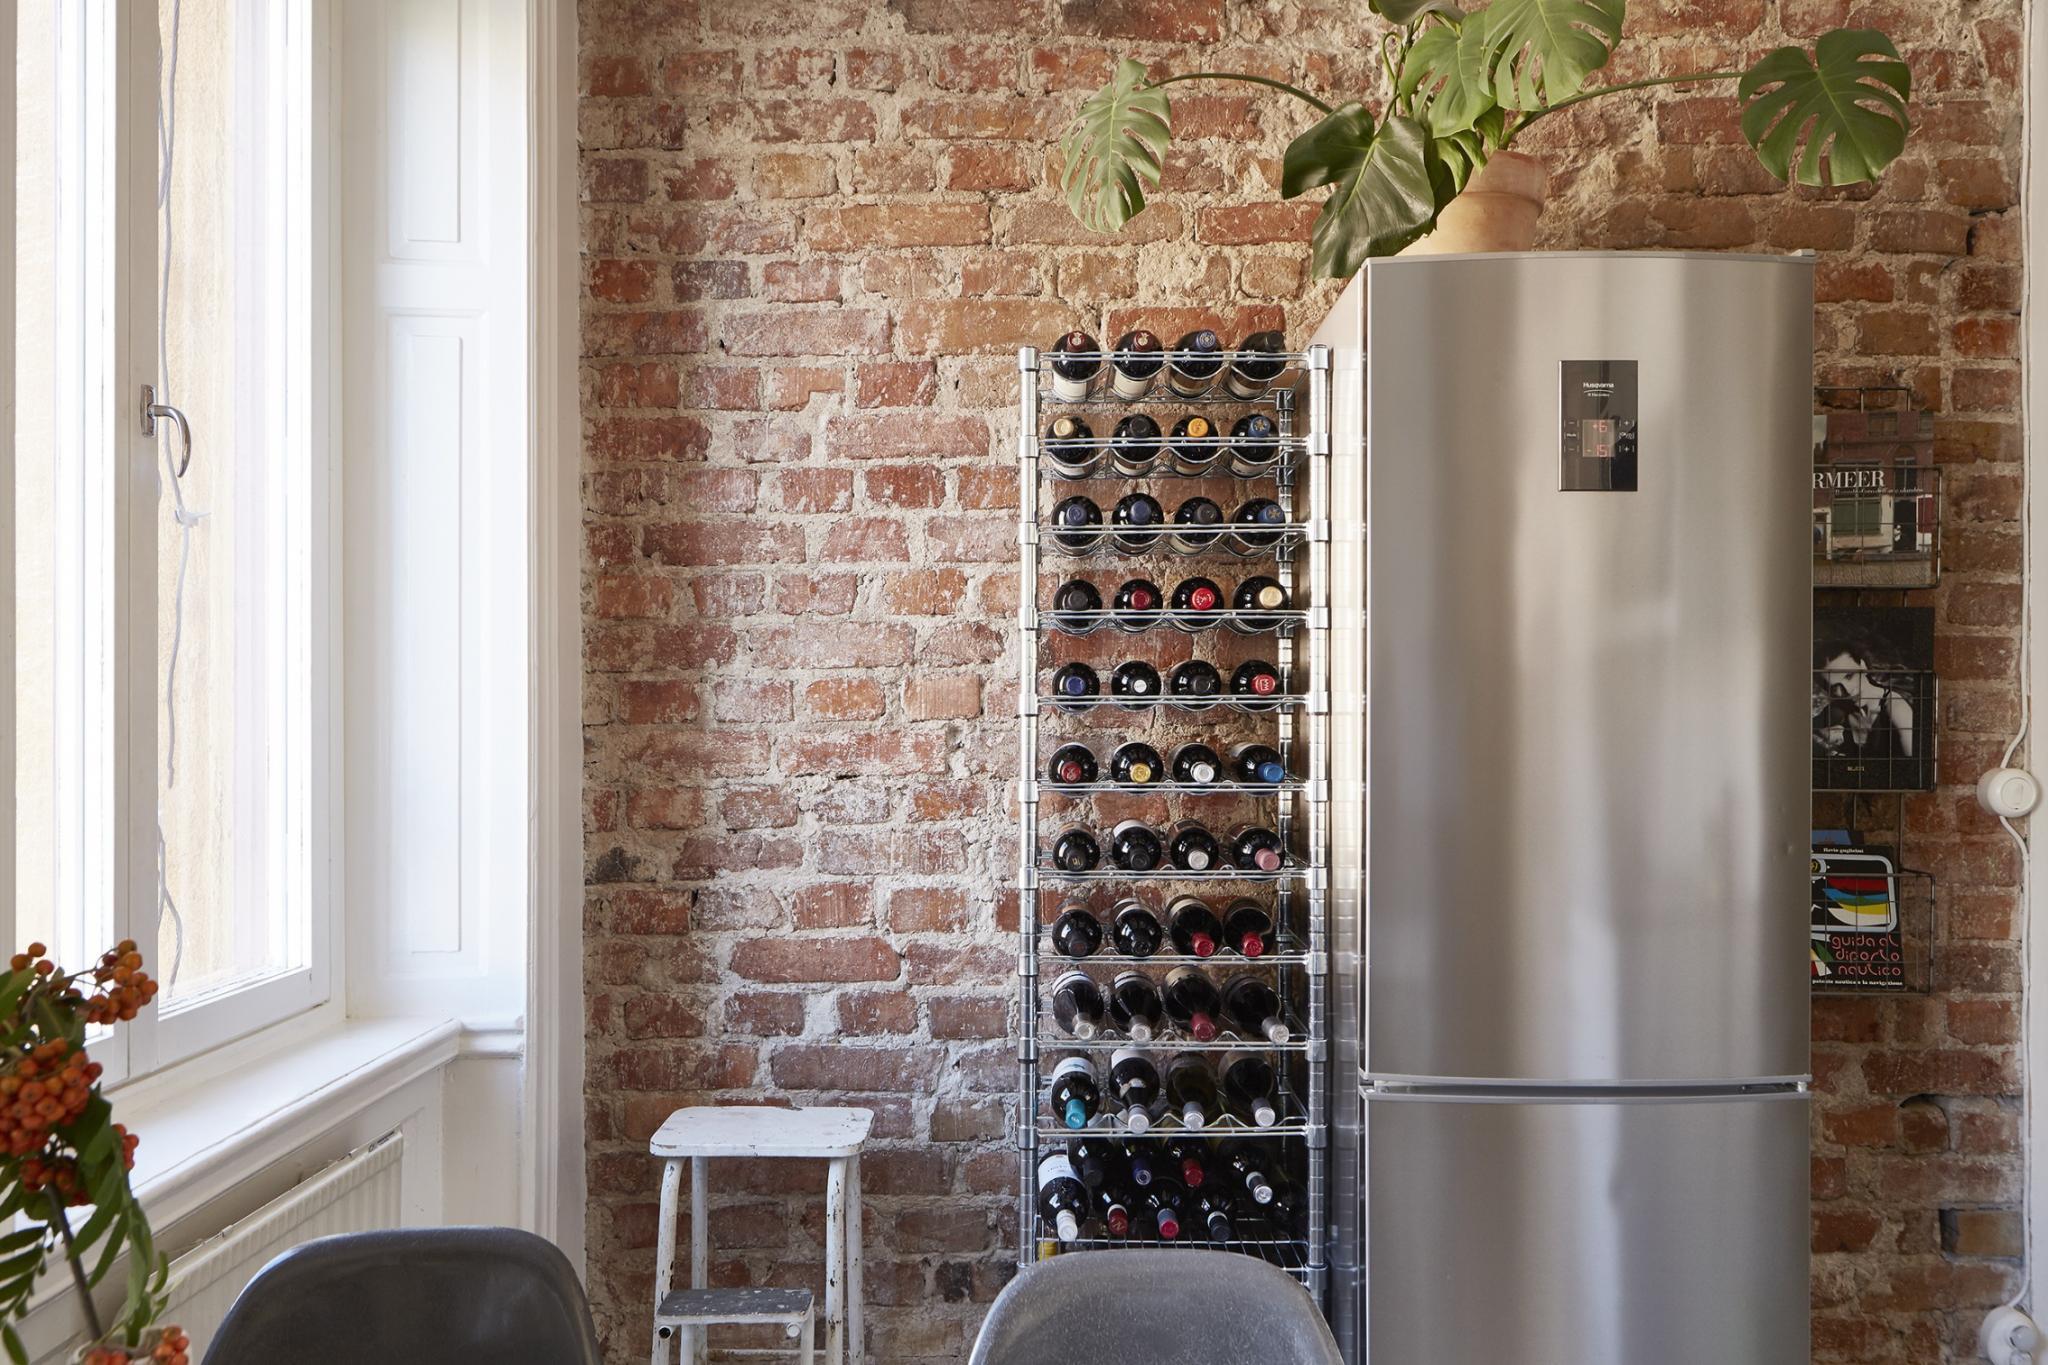 Ceglana ściana w nowoczesnej kuchni